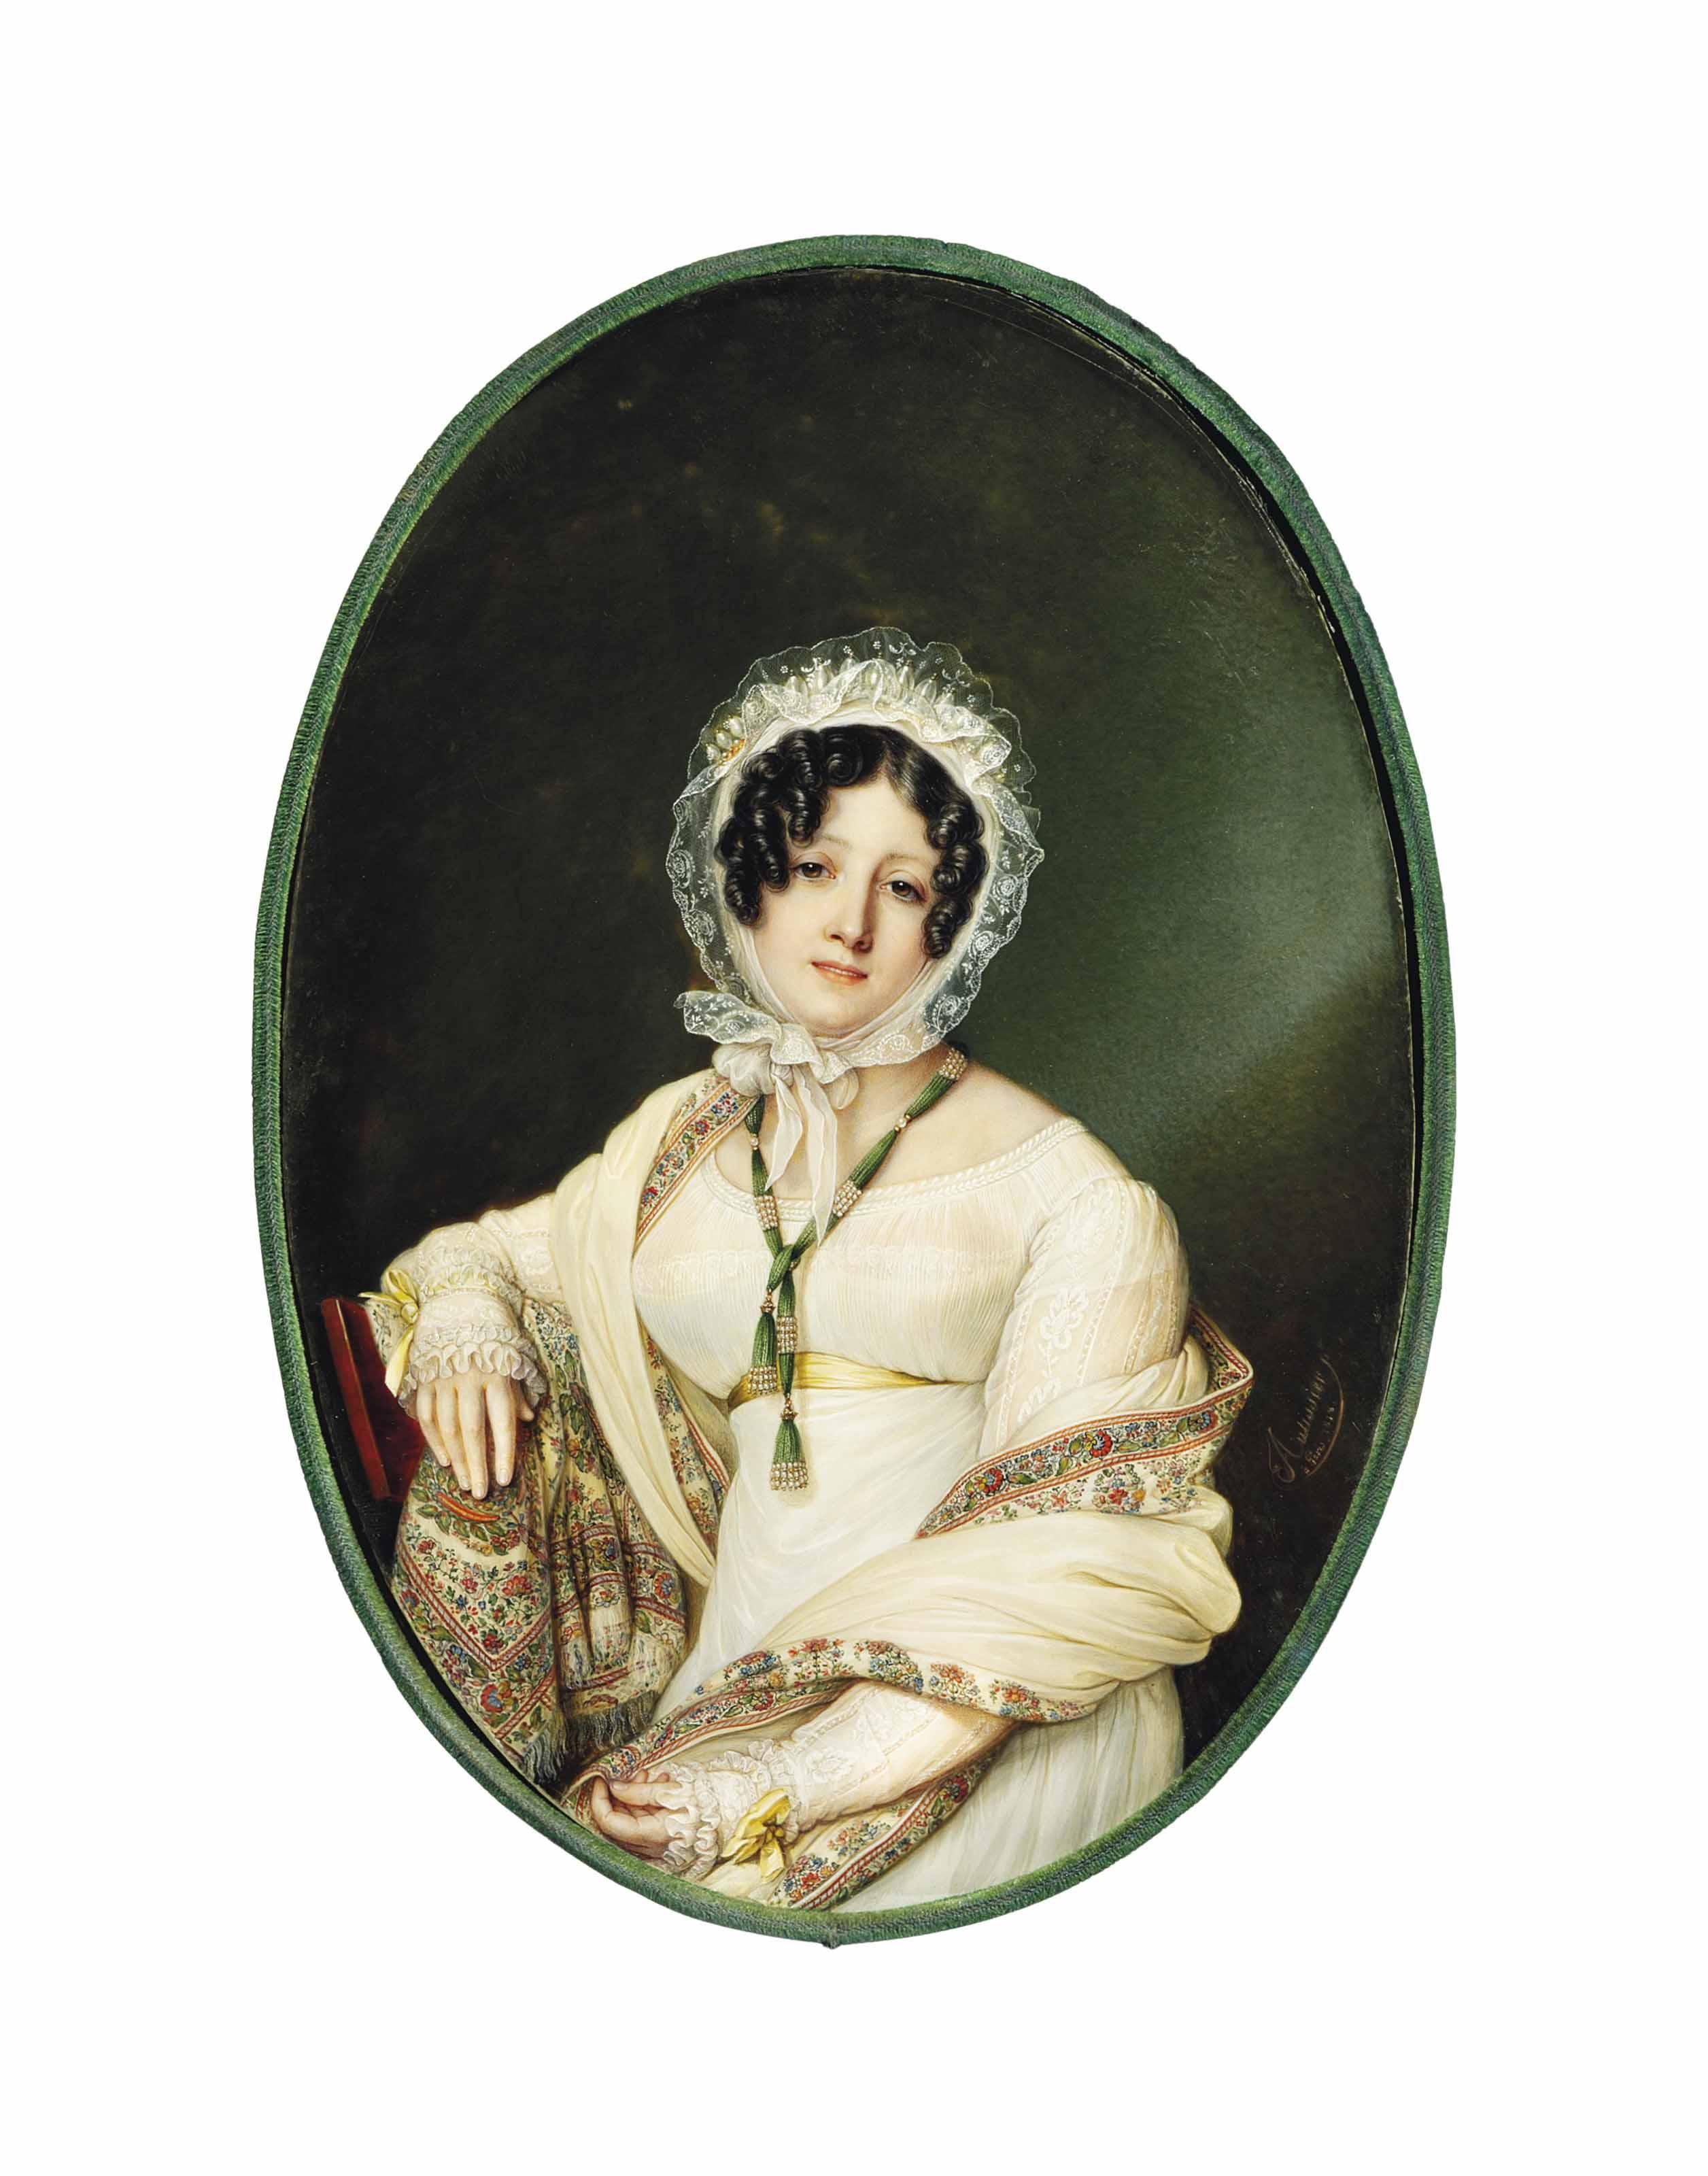 LOUIS-MARIE AUTISSIER (FRANCO-BELGIAN, 1772-1830)